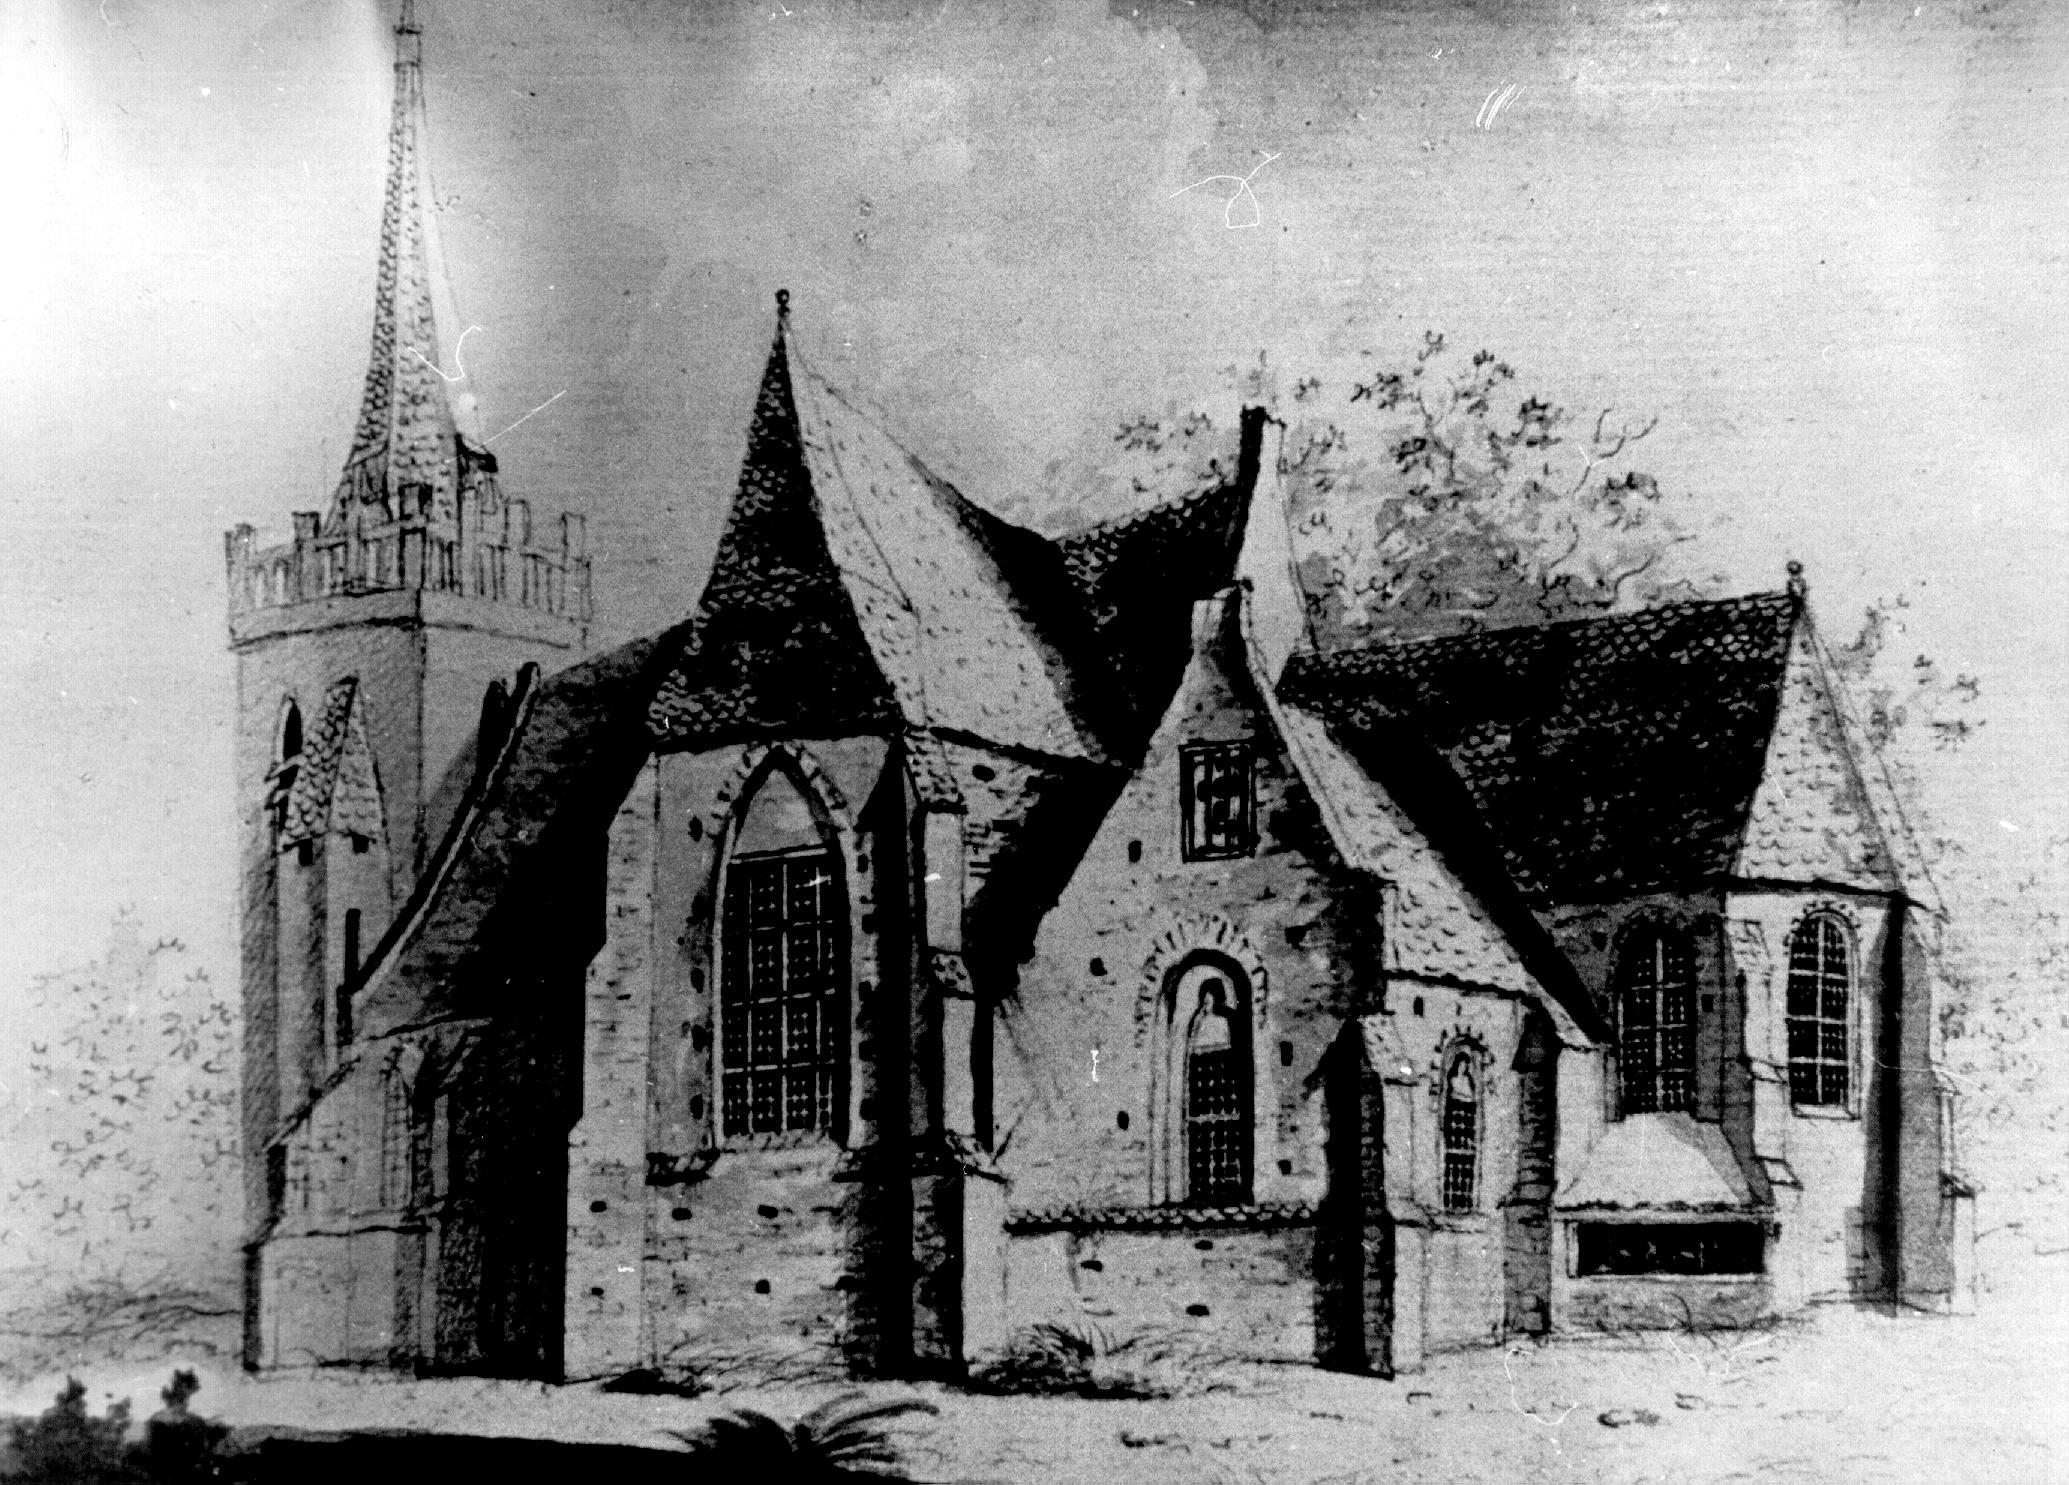 Opheusden De Kerk Te Hoesden Voor 1616 Rijksdienst Monumentenzorg Zeist